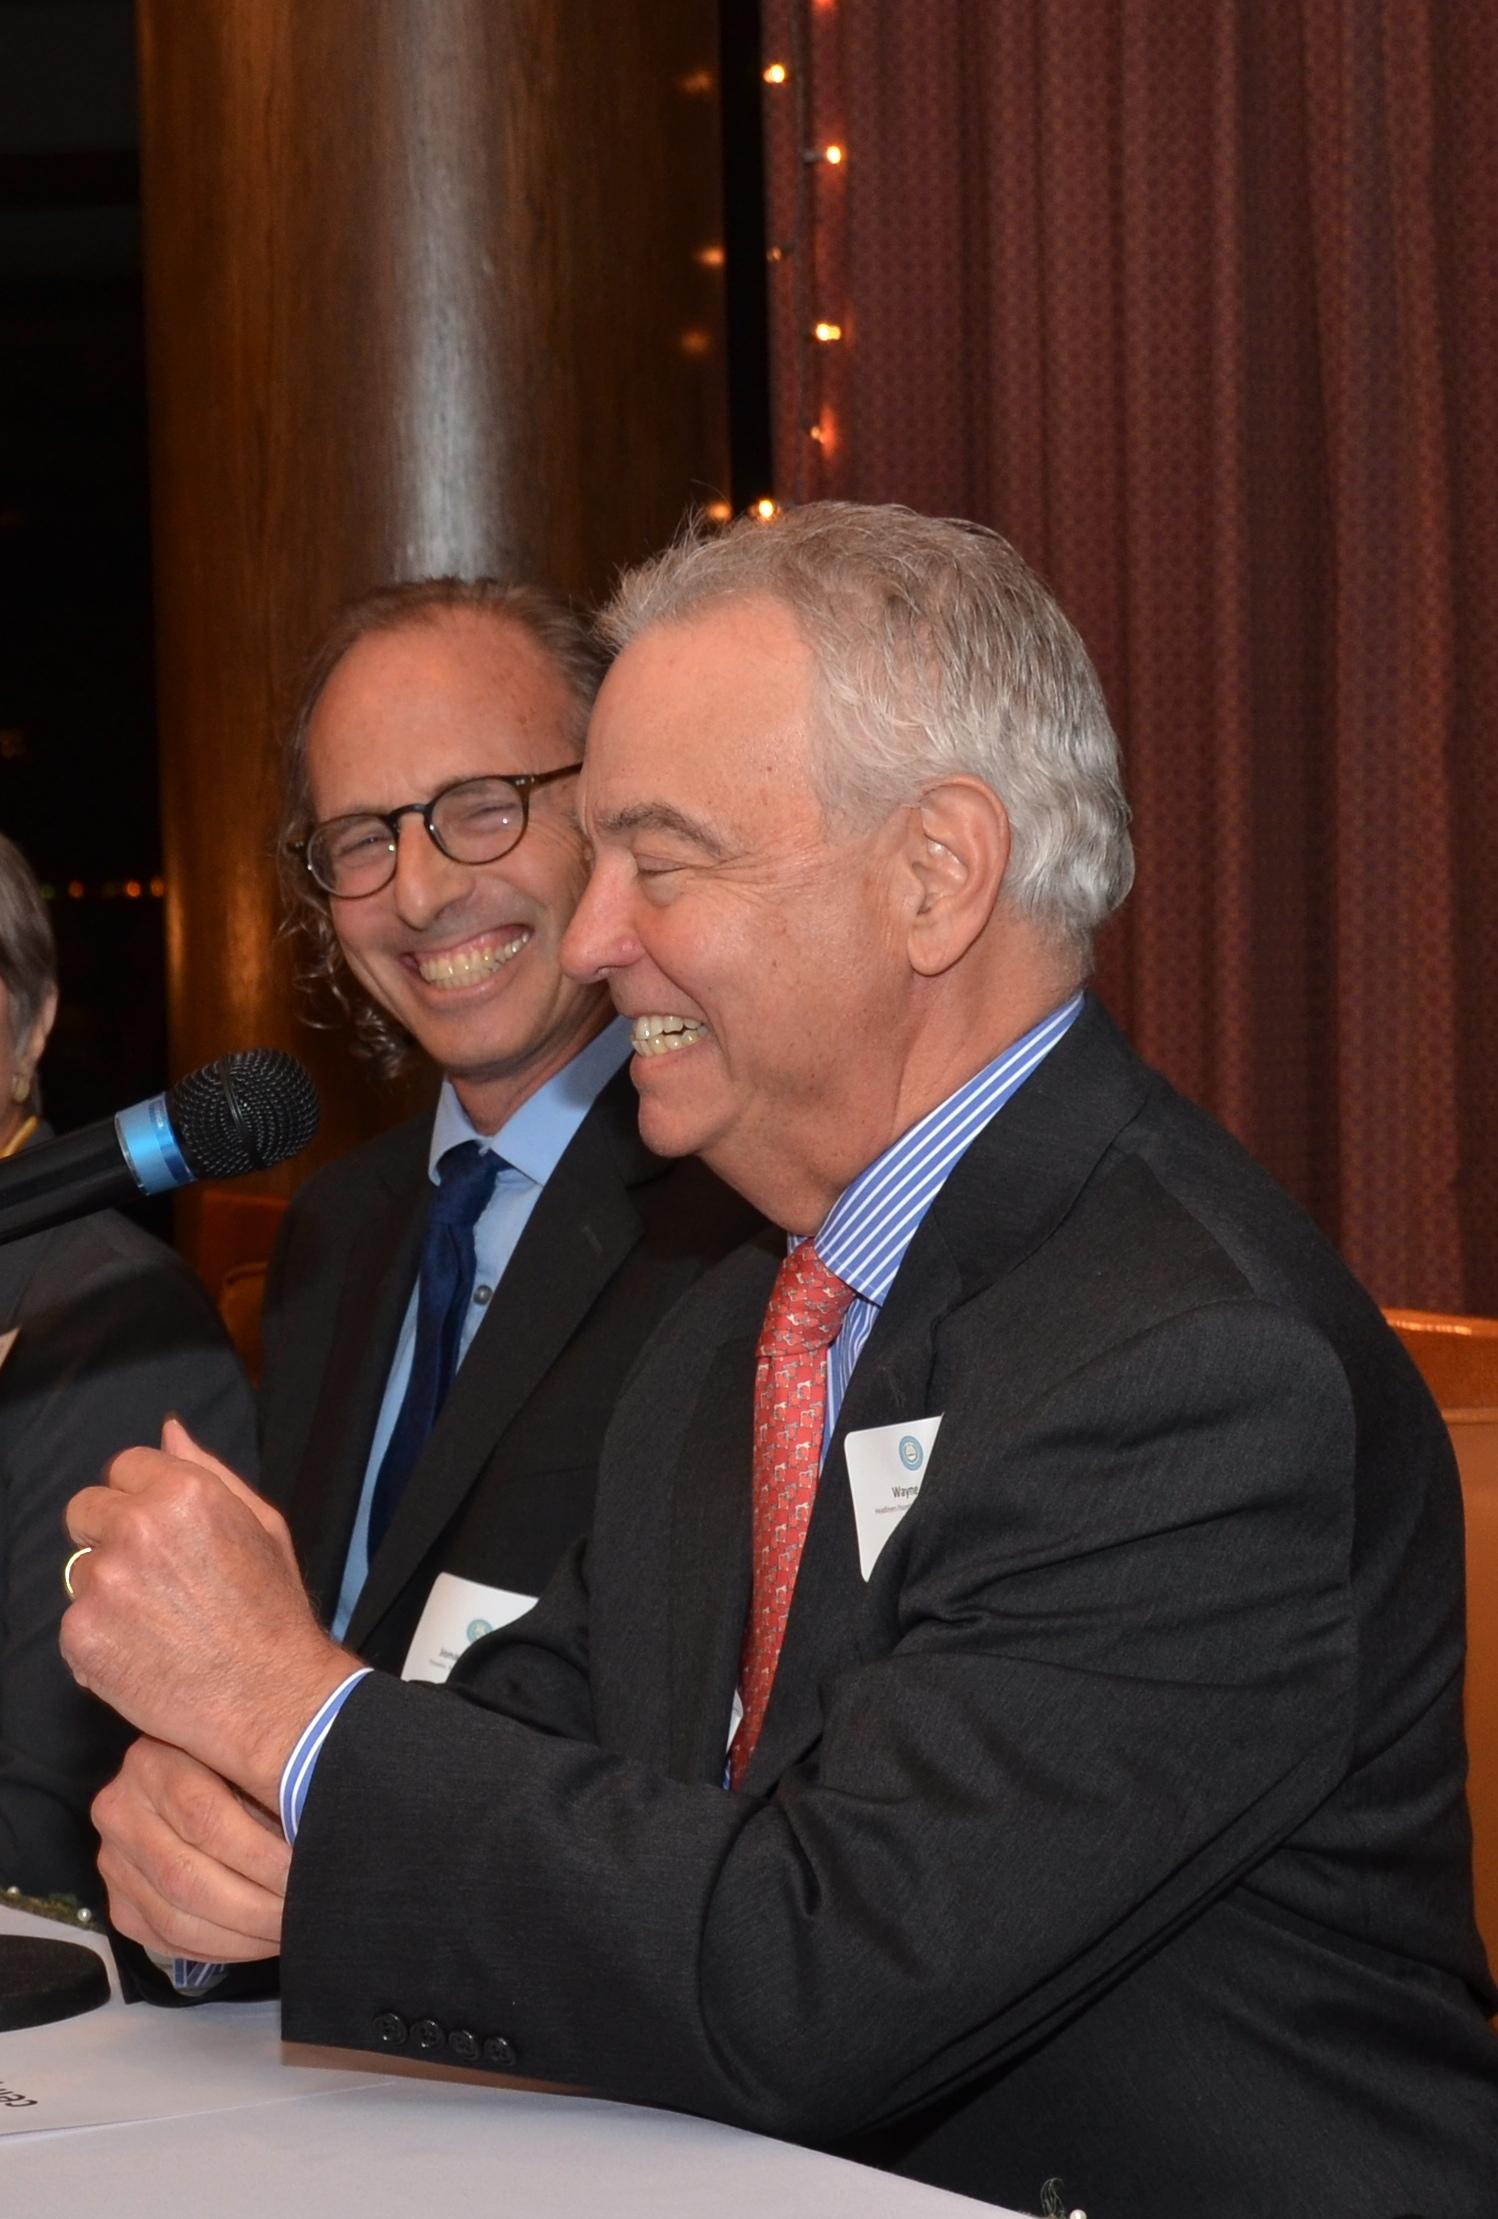 Panelist Jonathan Tilove, Austin American-Statesman, and Wayne Slater, The Dallas Morning News